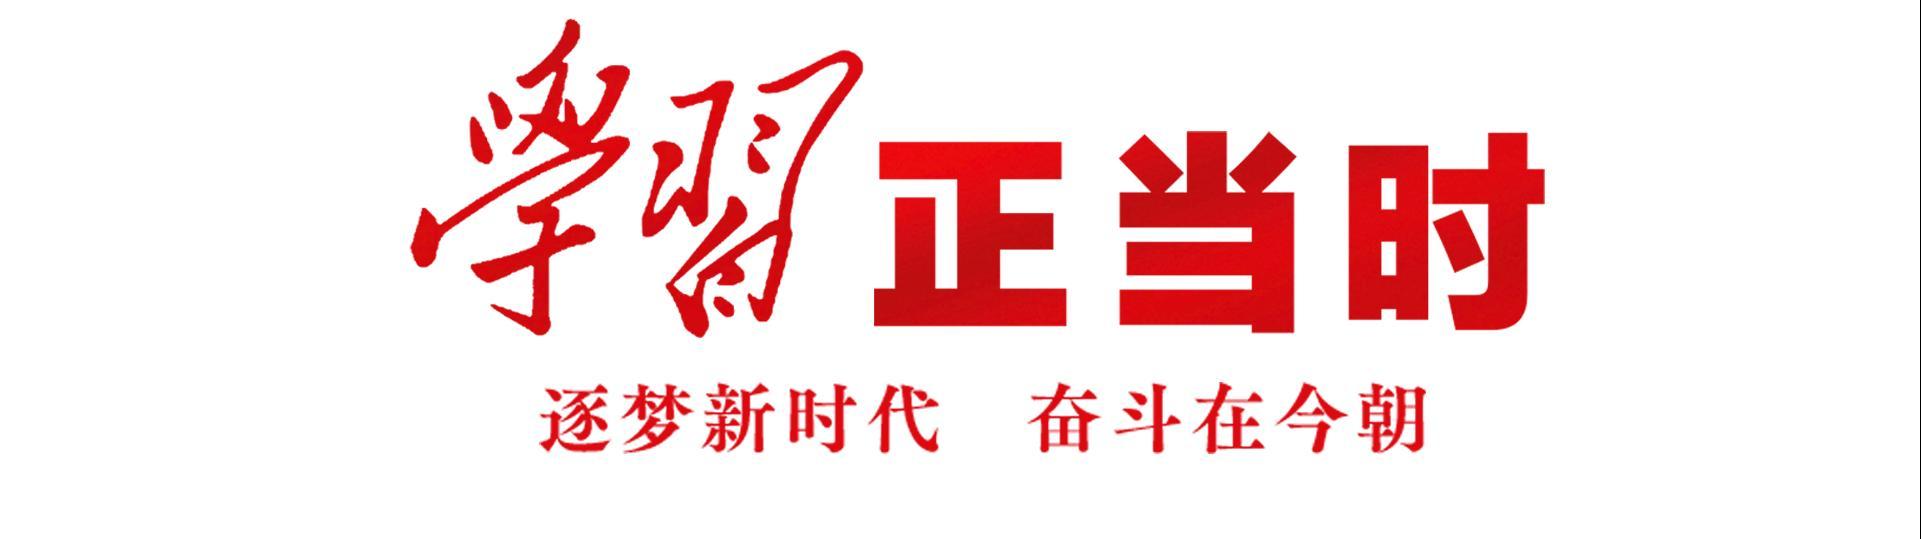 你是我兄弟分集剧情_英文谷歌_襄樊最新电视剧在线观看